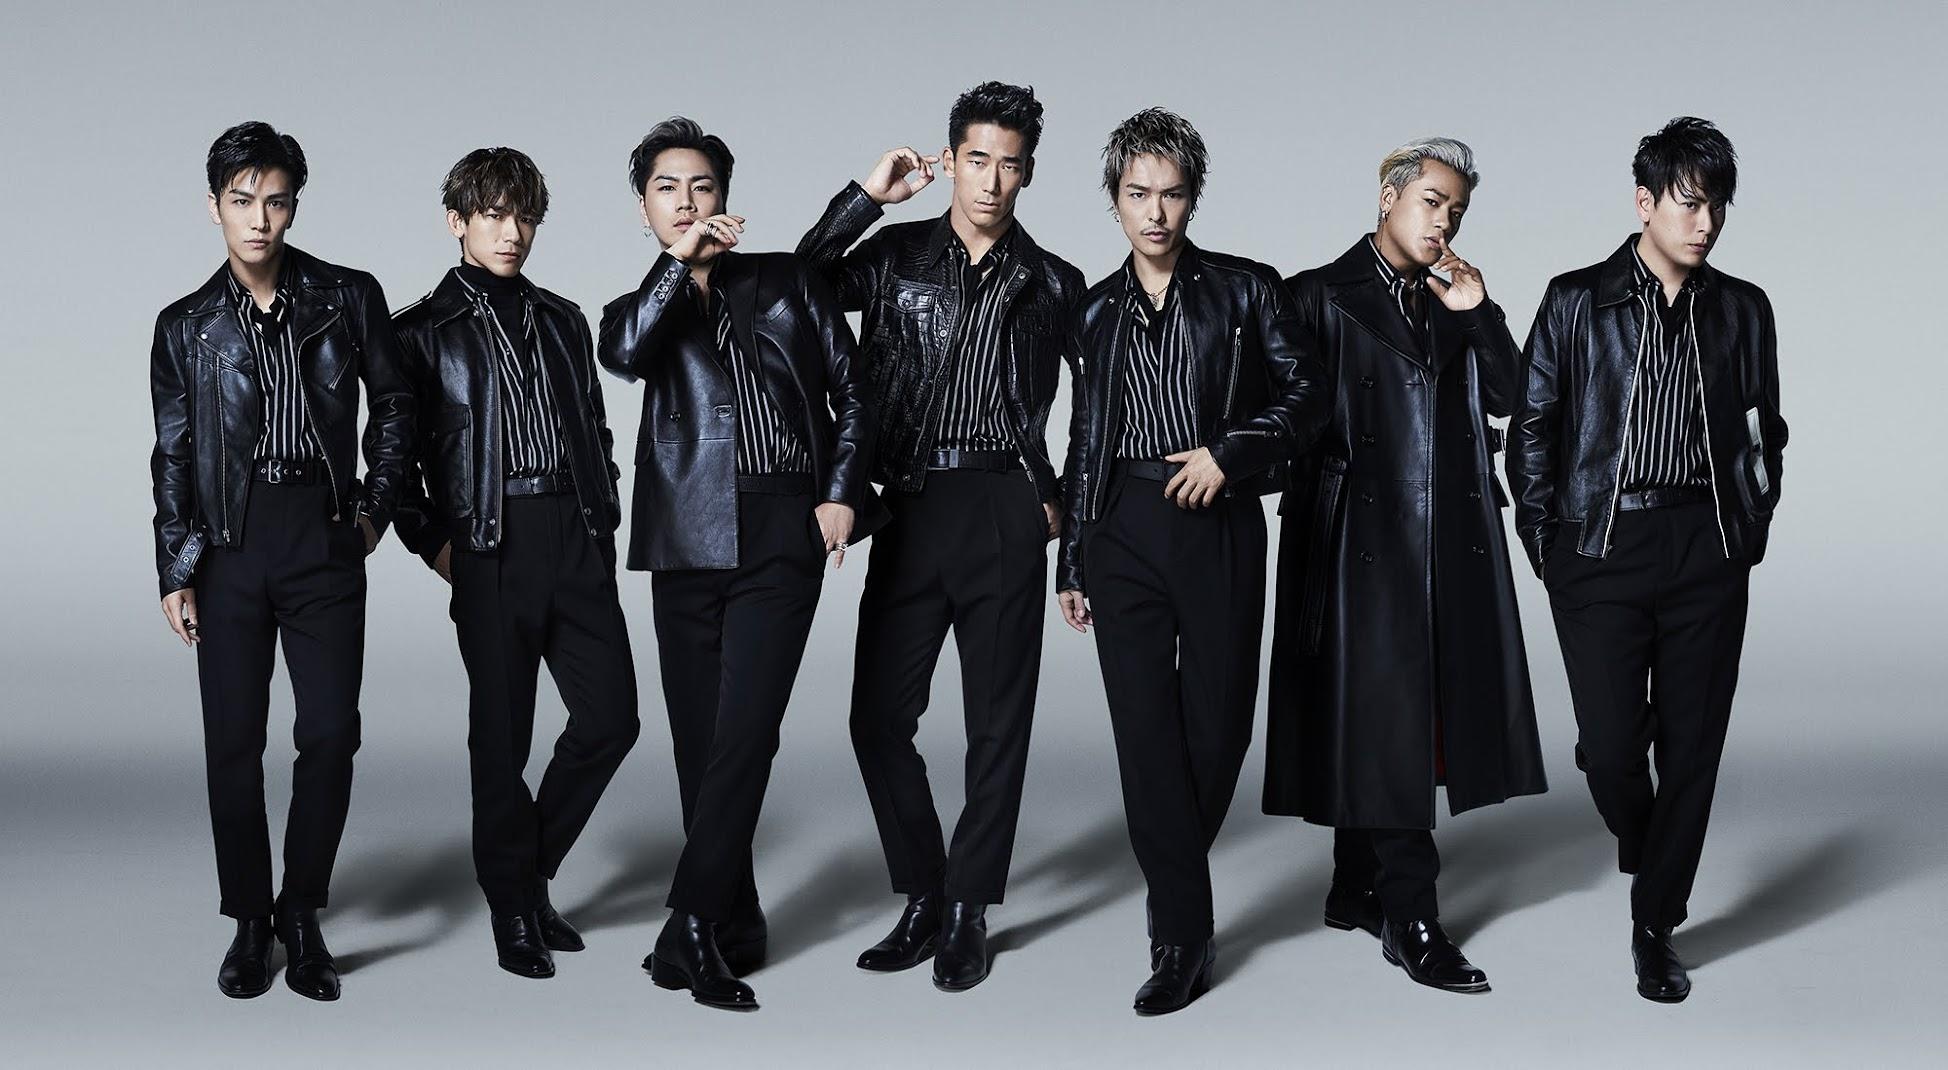 [迷迷音樂] 三代目 J SOUL BROTHERS新單曲 AKIRA、林志玲主演之〈凜冬天空 / White Wings〉 MV全球首播取消